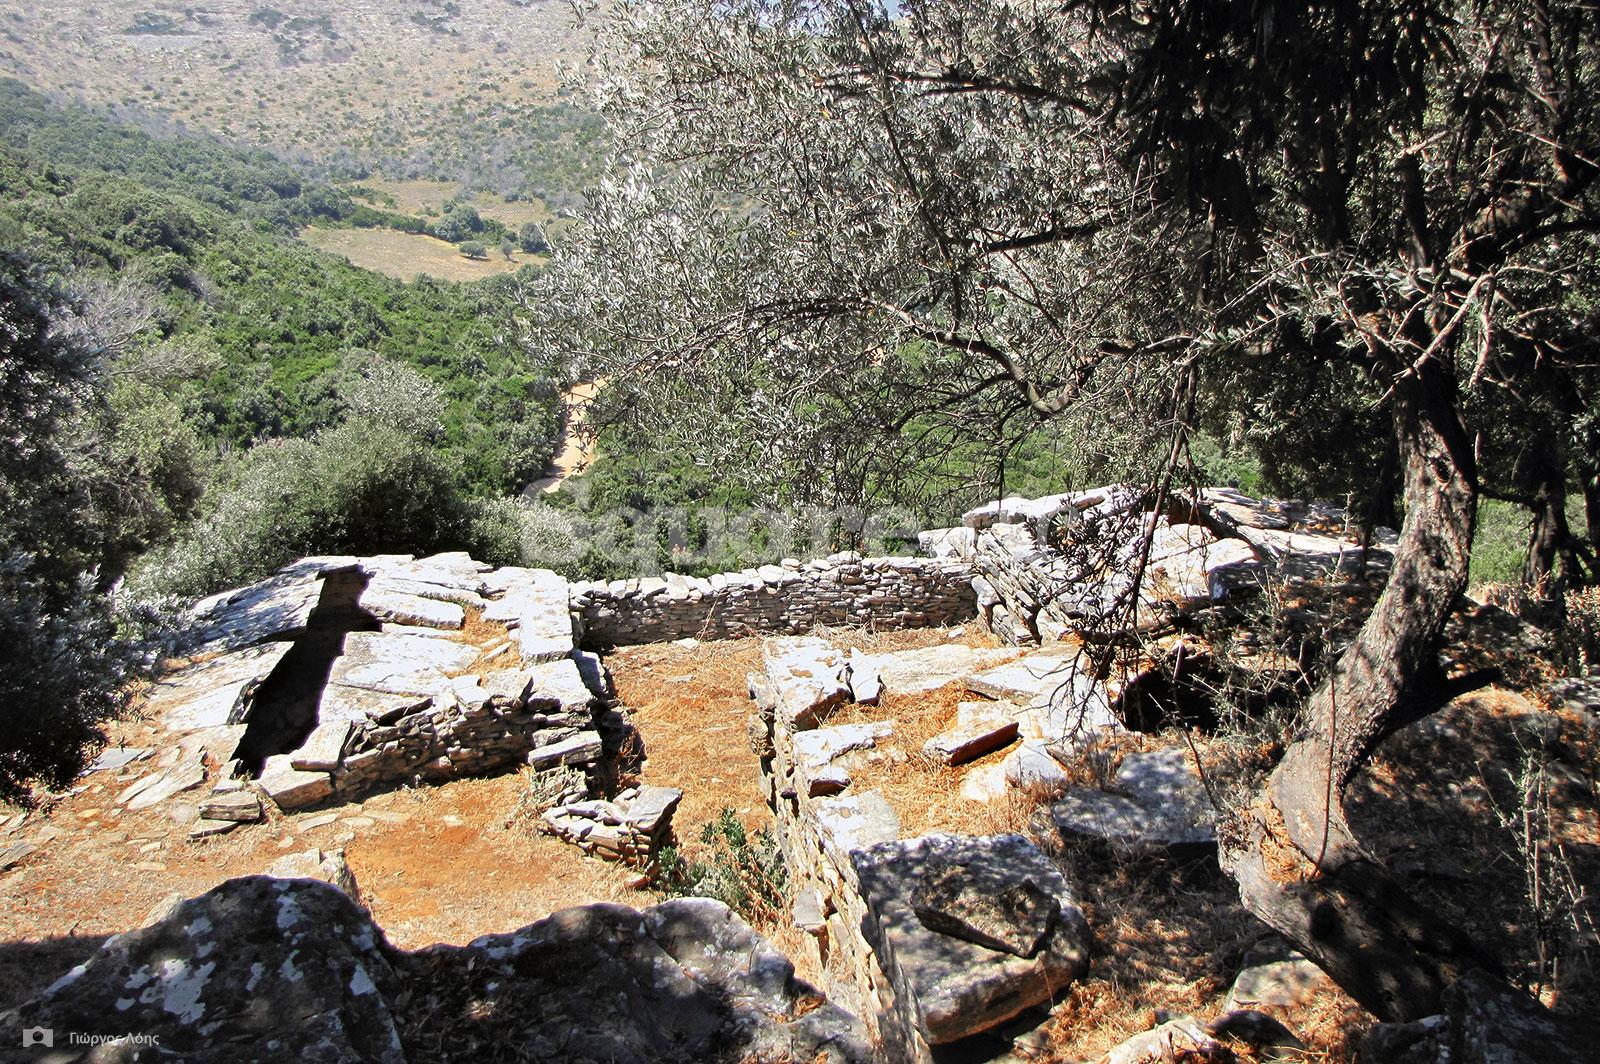 23-Γενική-άποψη-του-συγκροτήματος-των-τριών-«Δρακόσπιτων»-τύπου-αρχαίας-ποιμενικής-αγροικίας-στην-τοποθεσία-Πάλλη-Λάκα-Στυρών